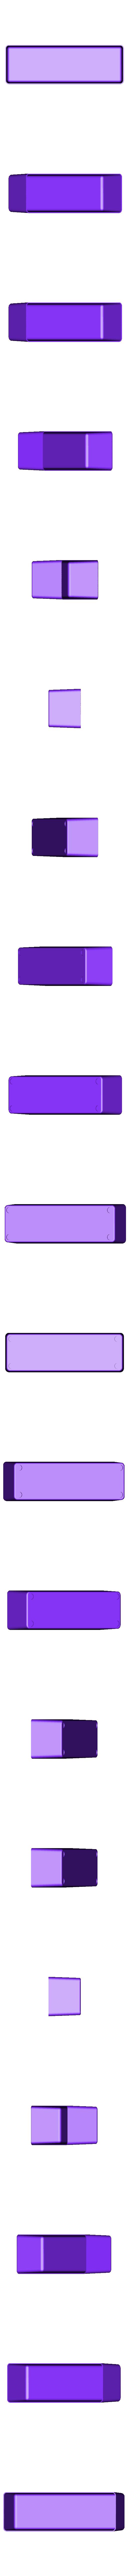 1-3__V1.stl Download STL file Allit Europlus organizer boxes • 3D printable model, baracuda86